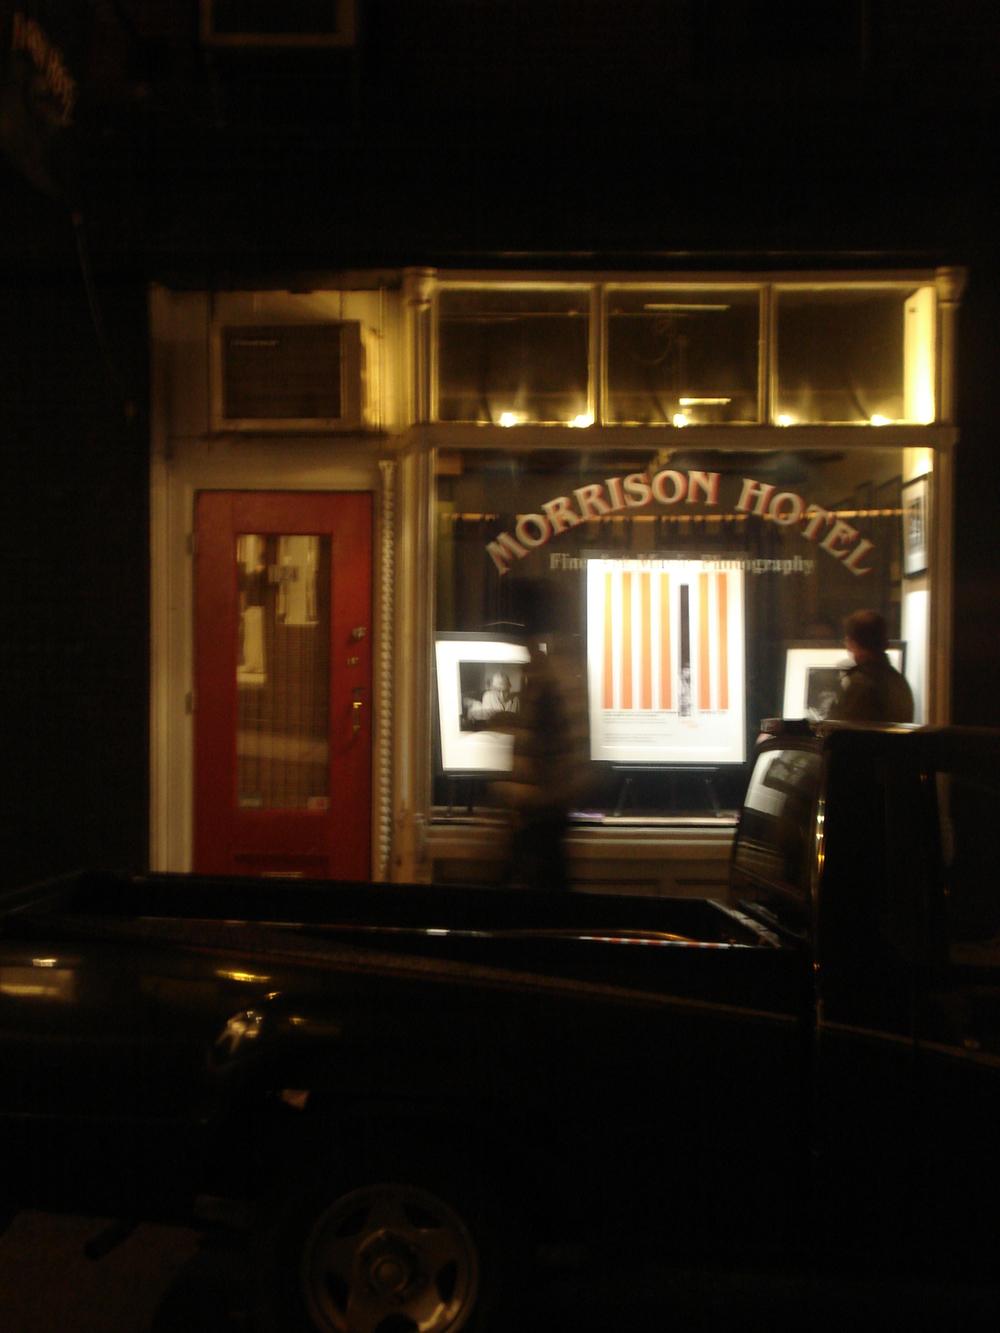 Morrison Hotel.jpg